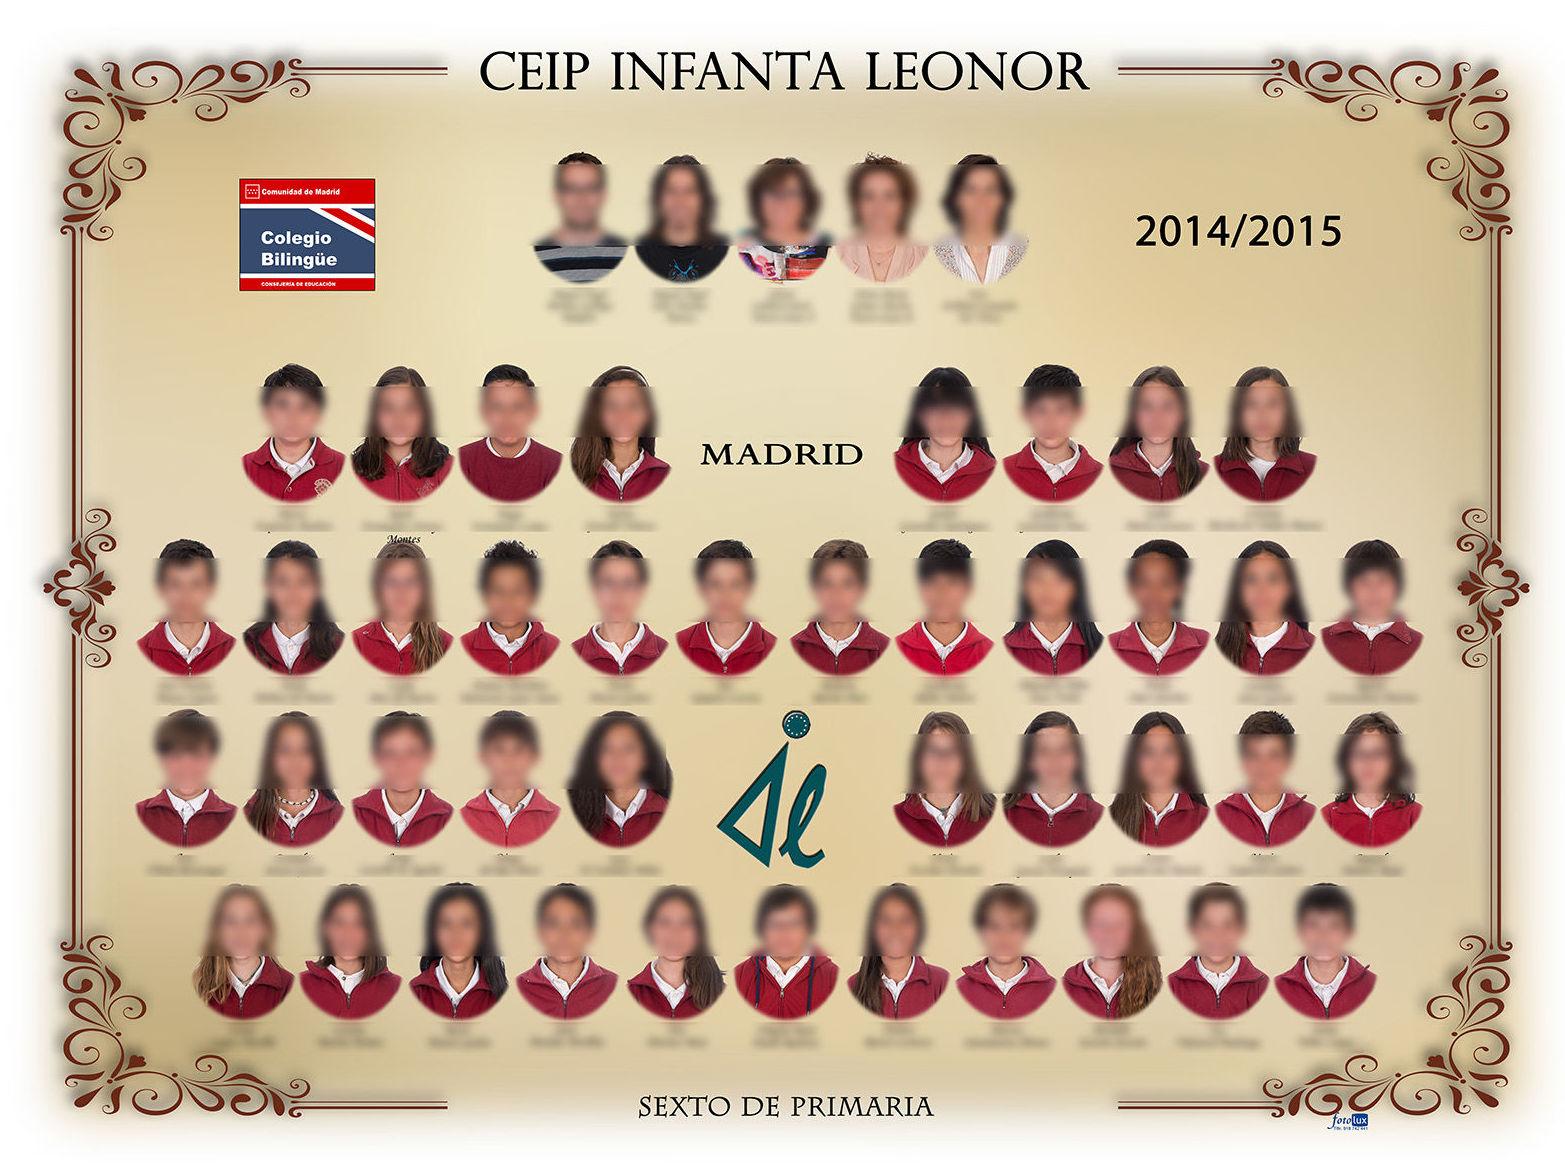 Orla de graduación Ceip Infanta Leonor, Madrid